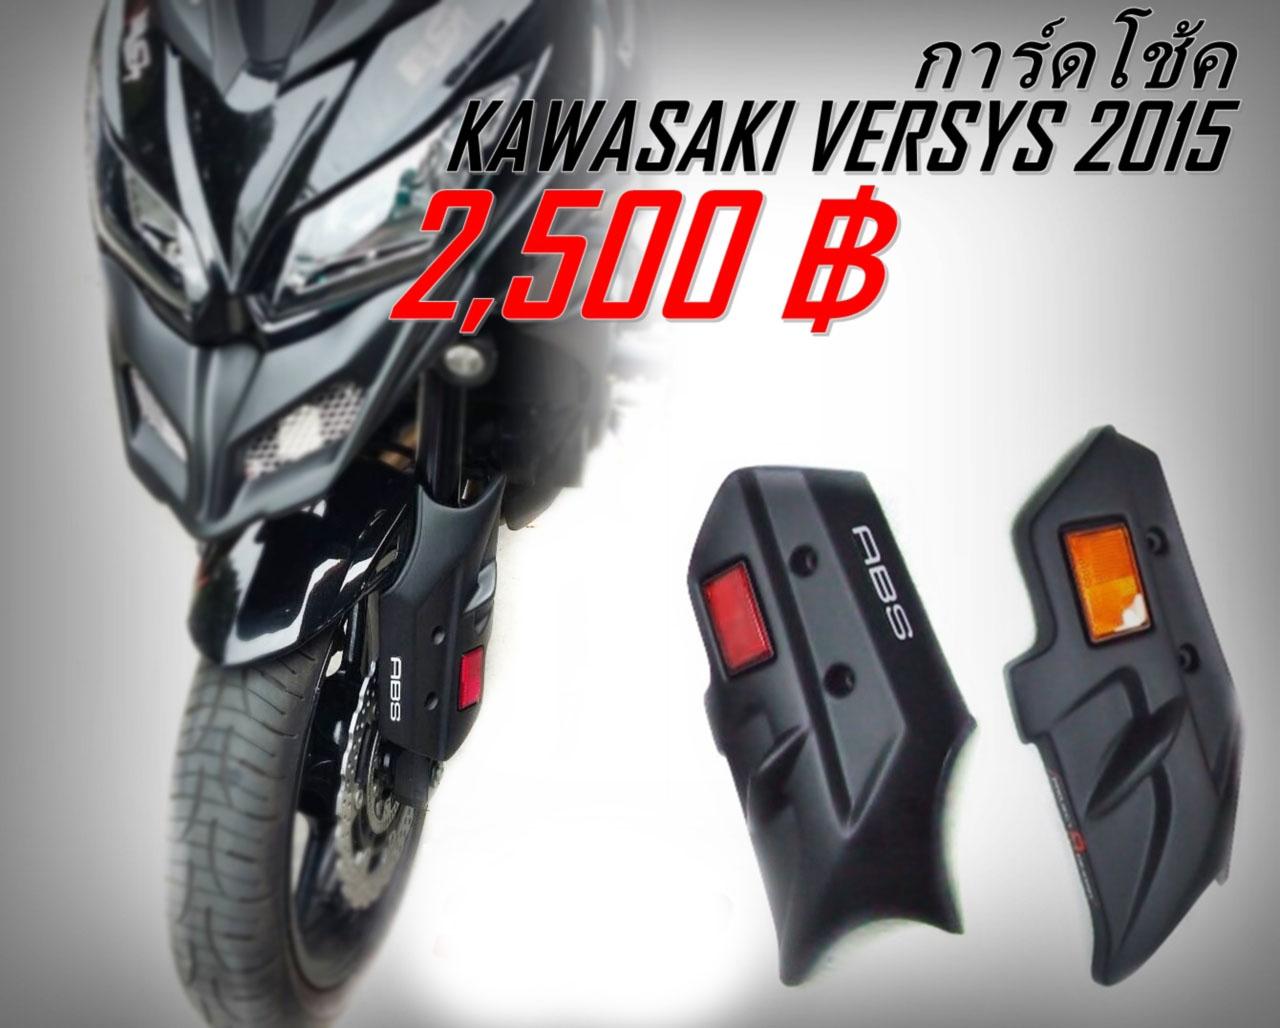 การ์ดโช้คหน้า Versys 1000,Versys 650 (2012-2015) มี 2 สี